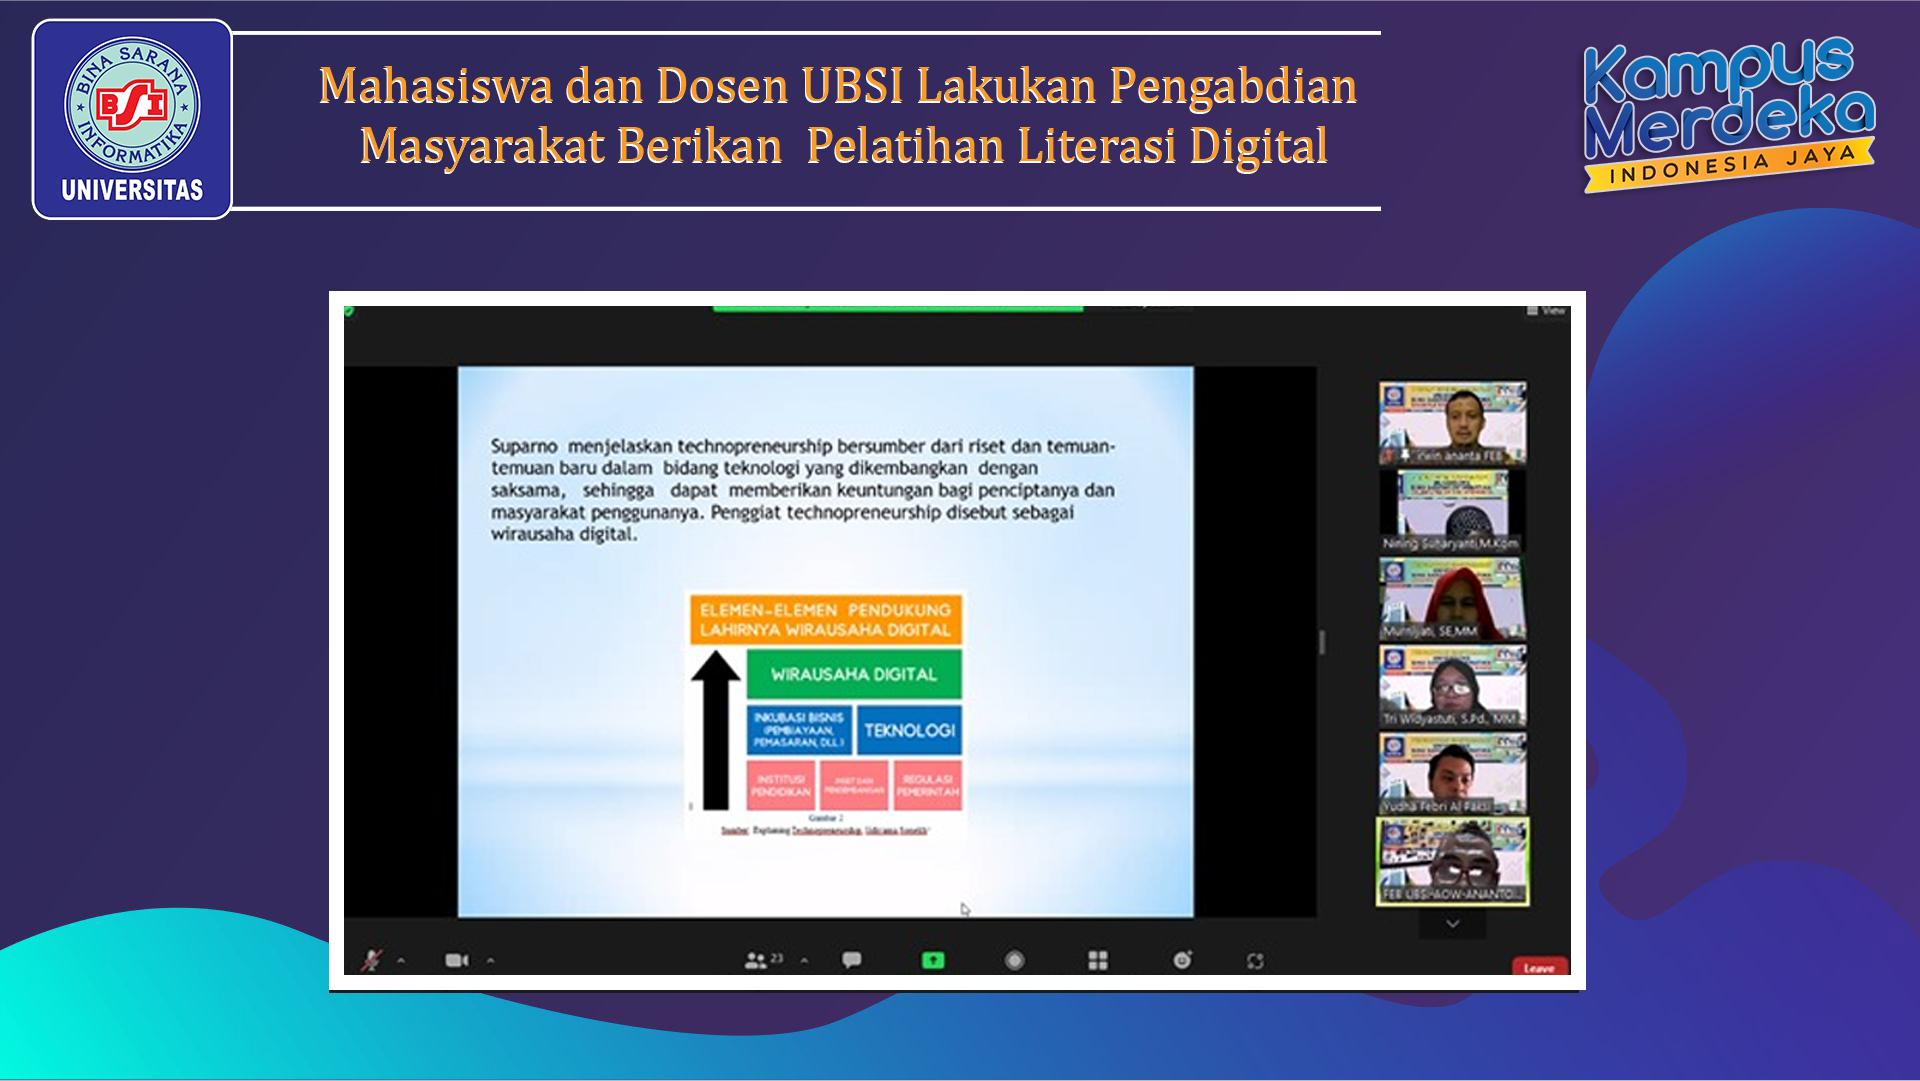 Mahasiswa dan Dosen UBSI Lakukan Pengabdian Masyarakat Berikan  Pelatihan Literasi Digital